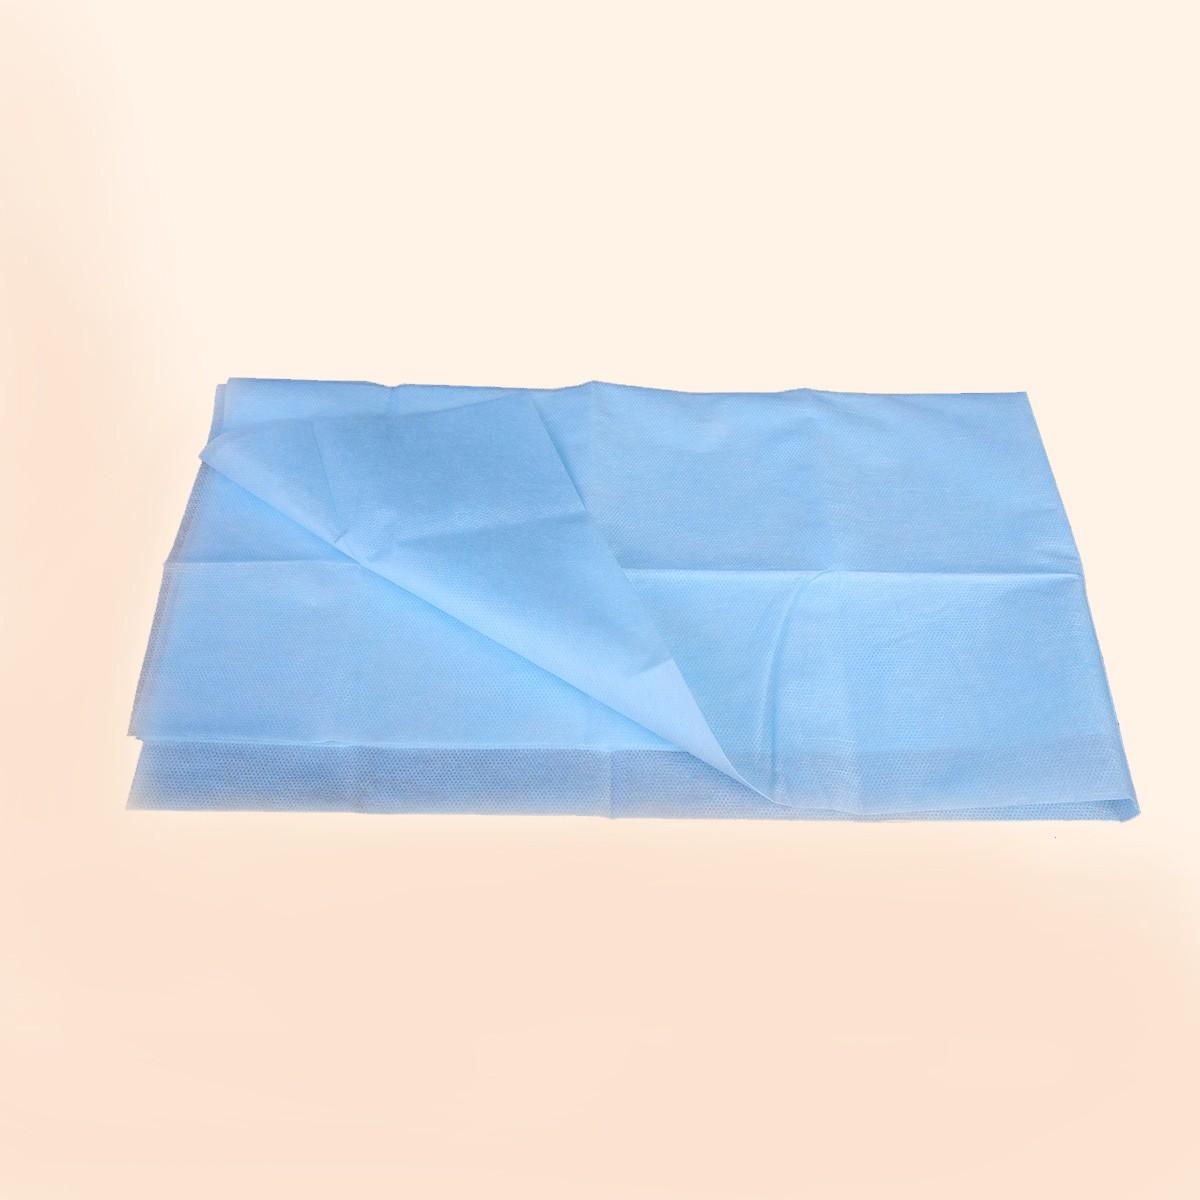 Простыня стерильная голубая, спанбонд 140х200 см, (1 шт)